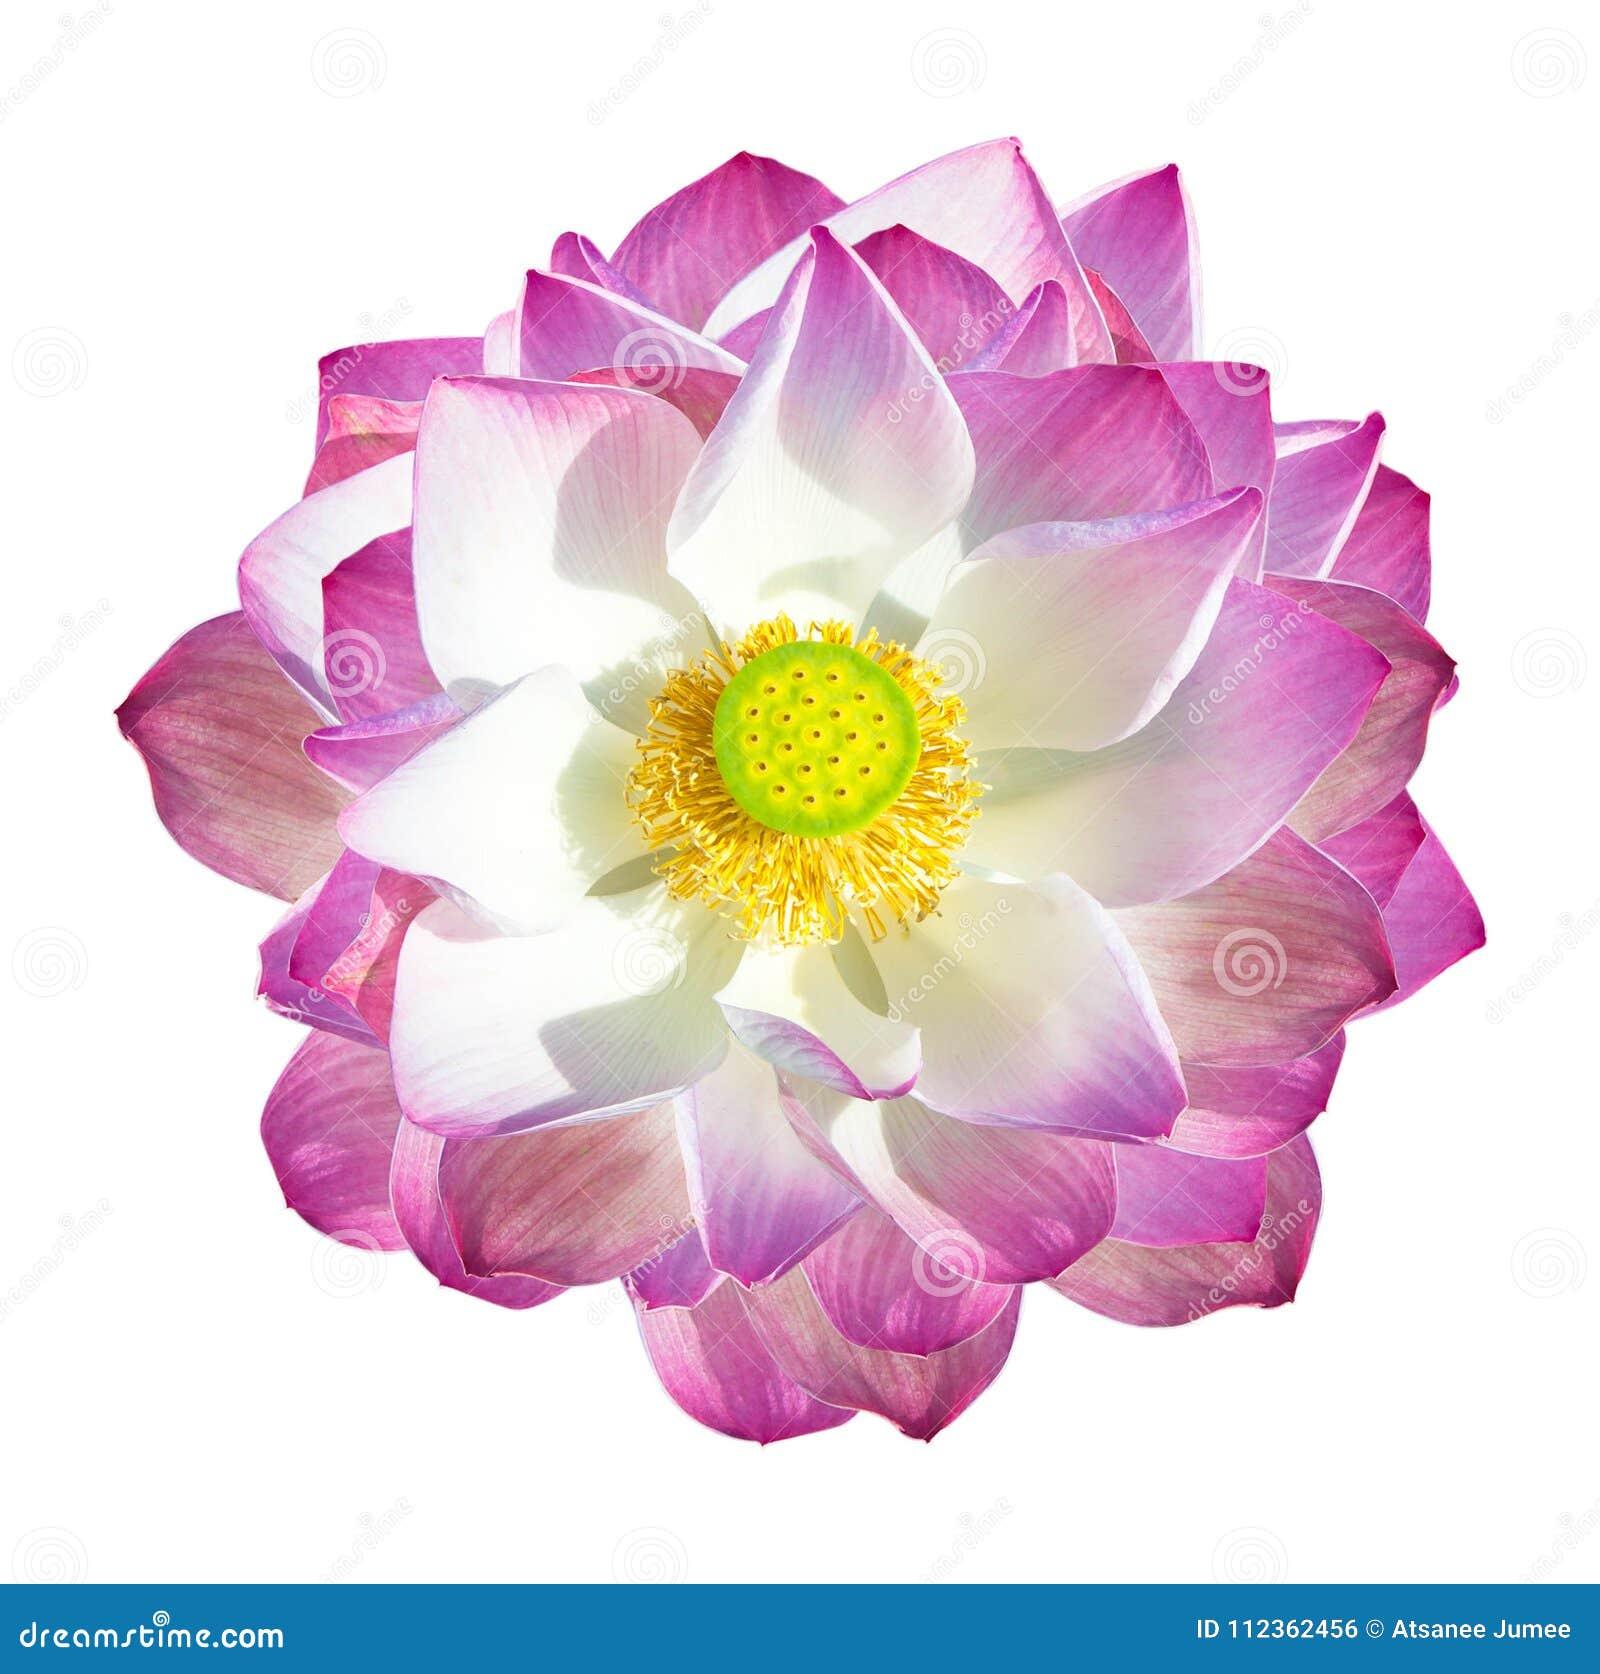 Lotus Flower Isolated On White Background Stock Photo Image Of